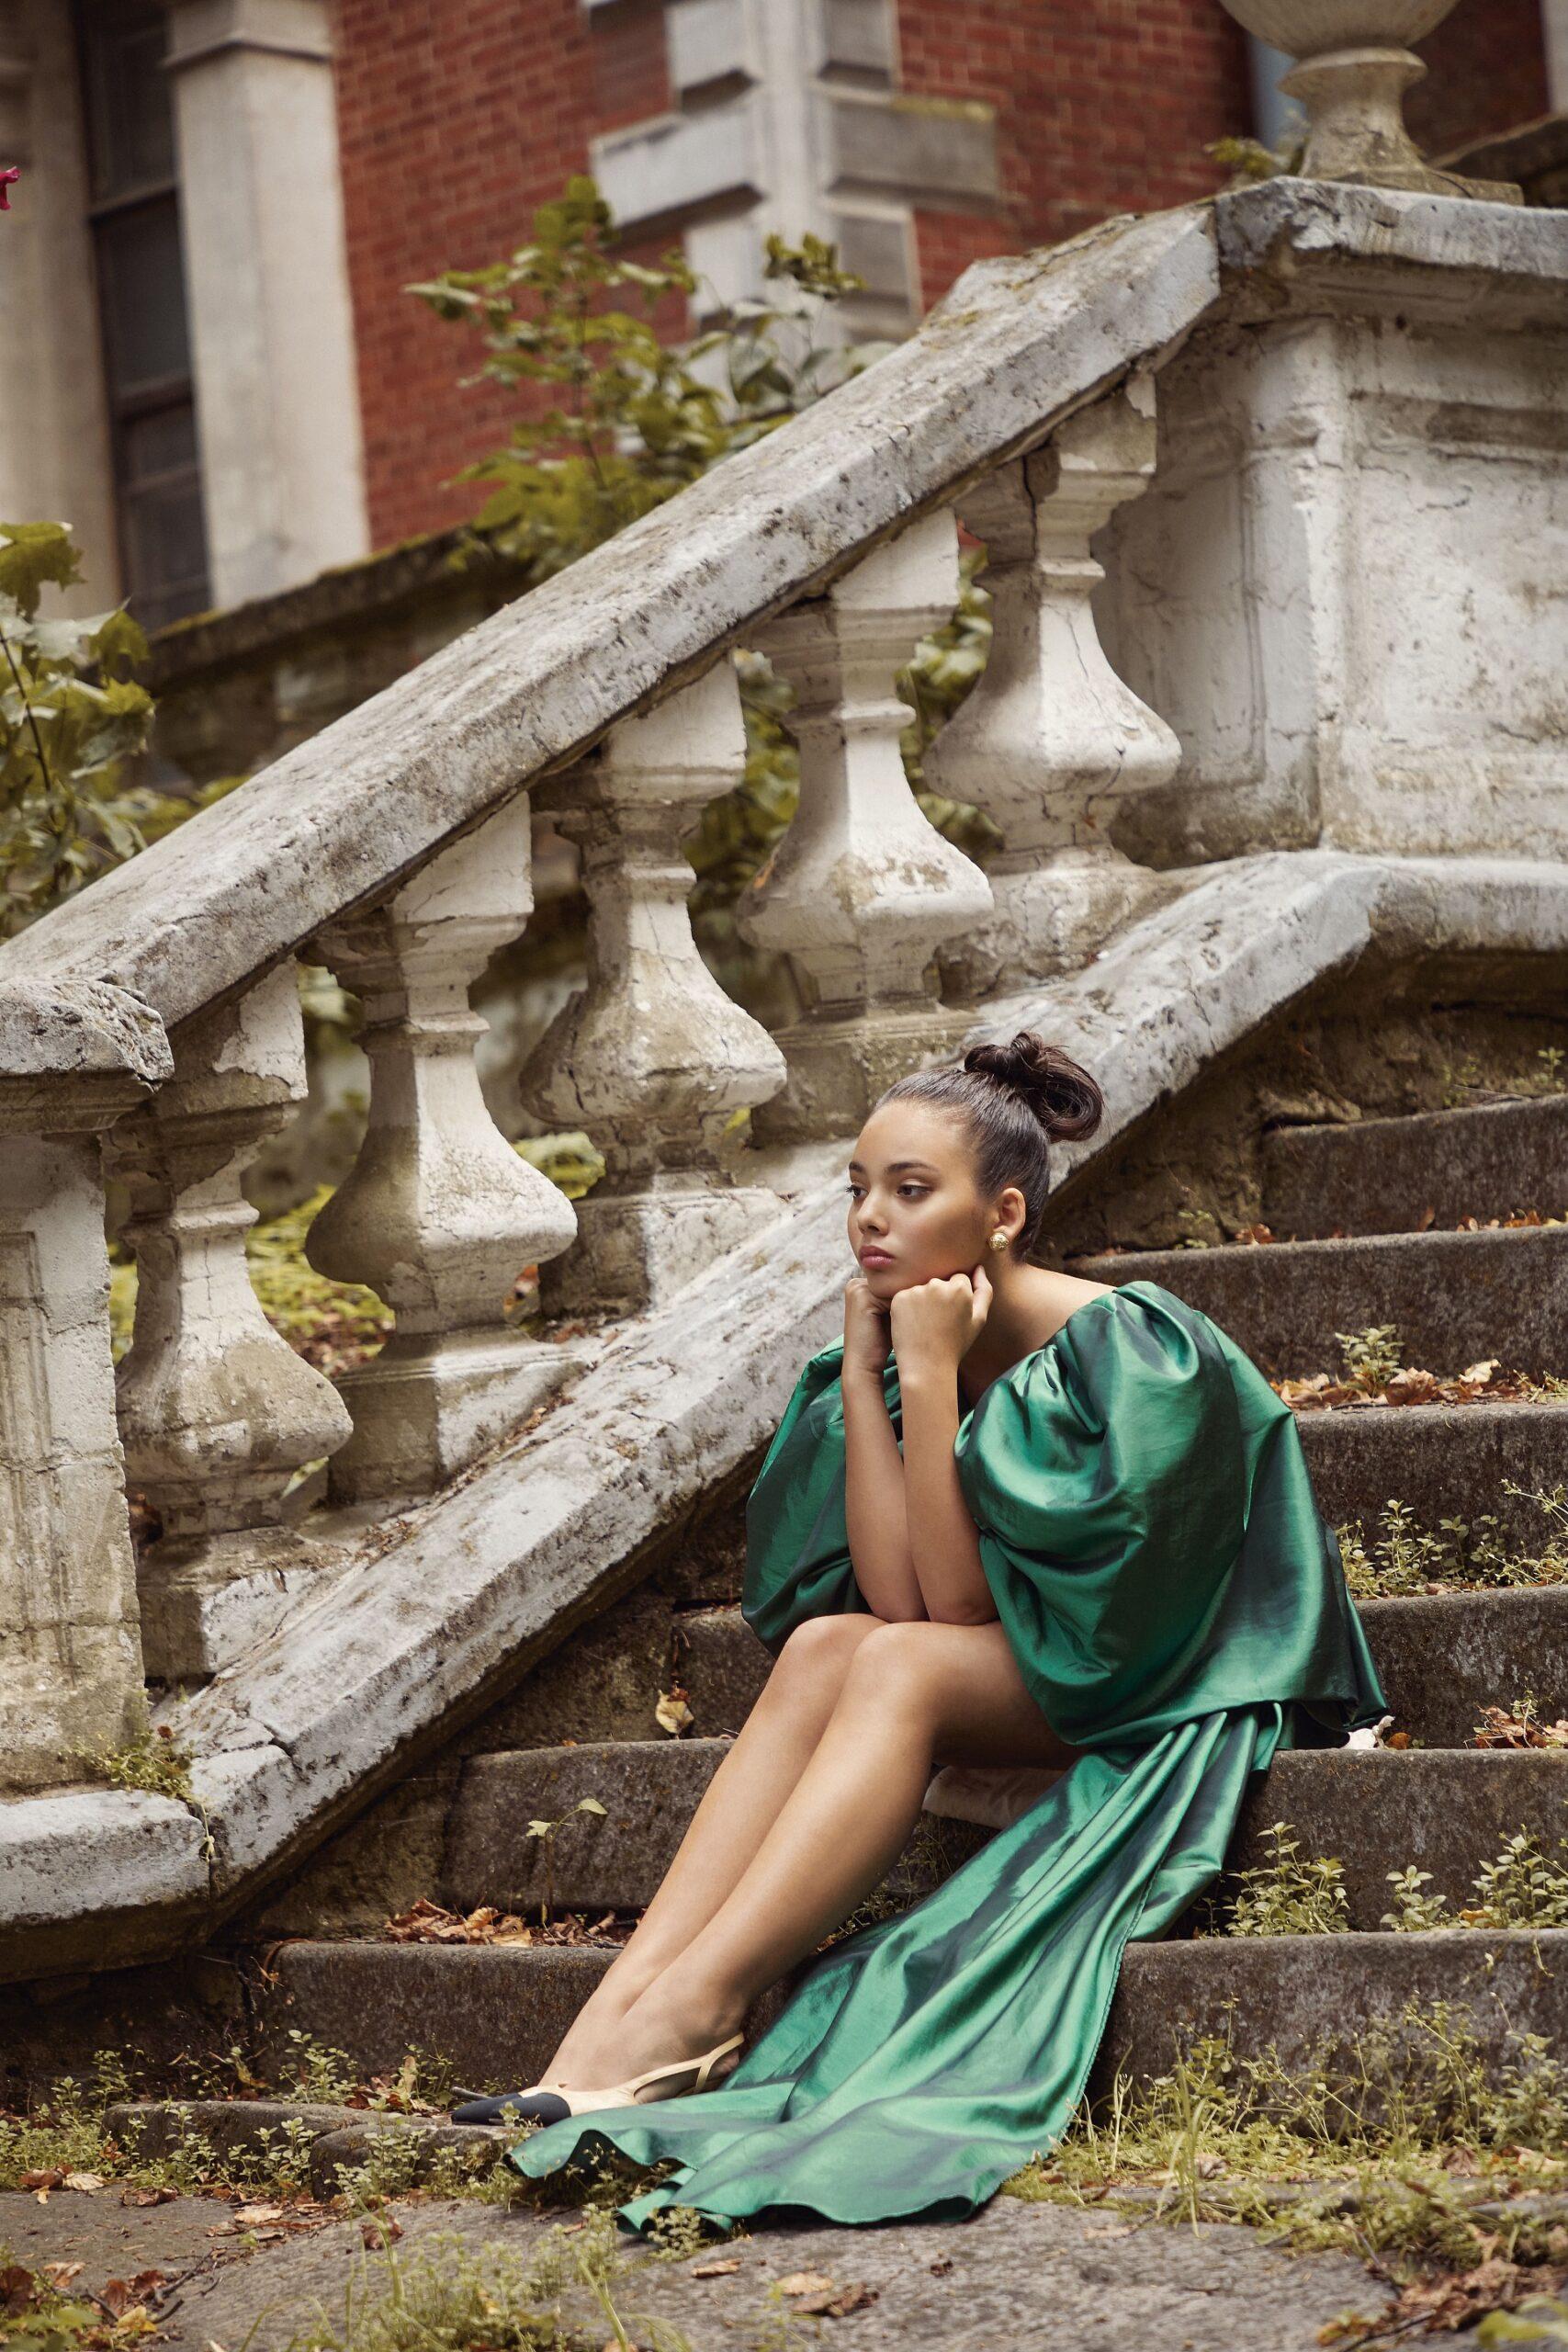 Back to fashion school: Топ-4 тренда подростковой моды, которые мы будем носить в этом сезоне-Фото 3